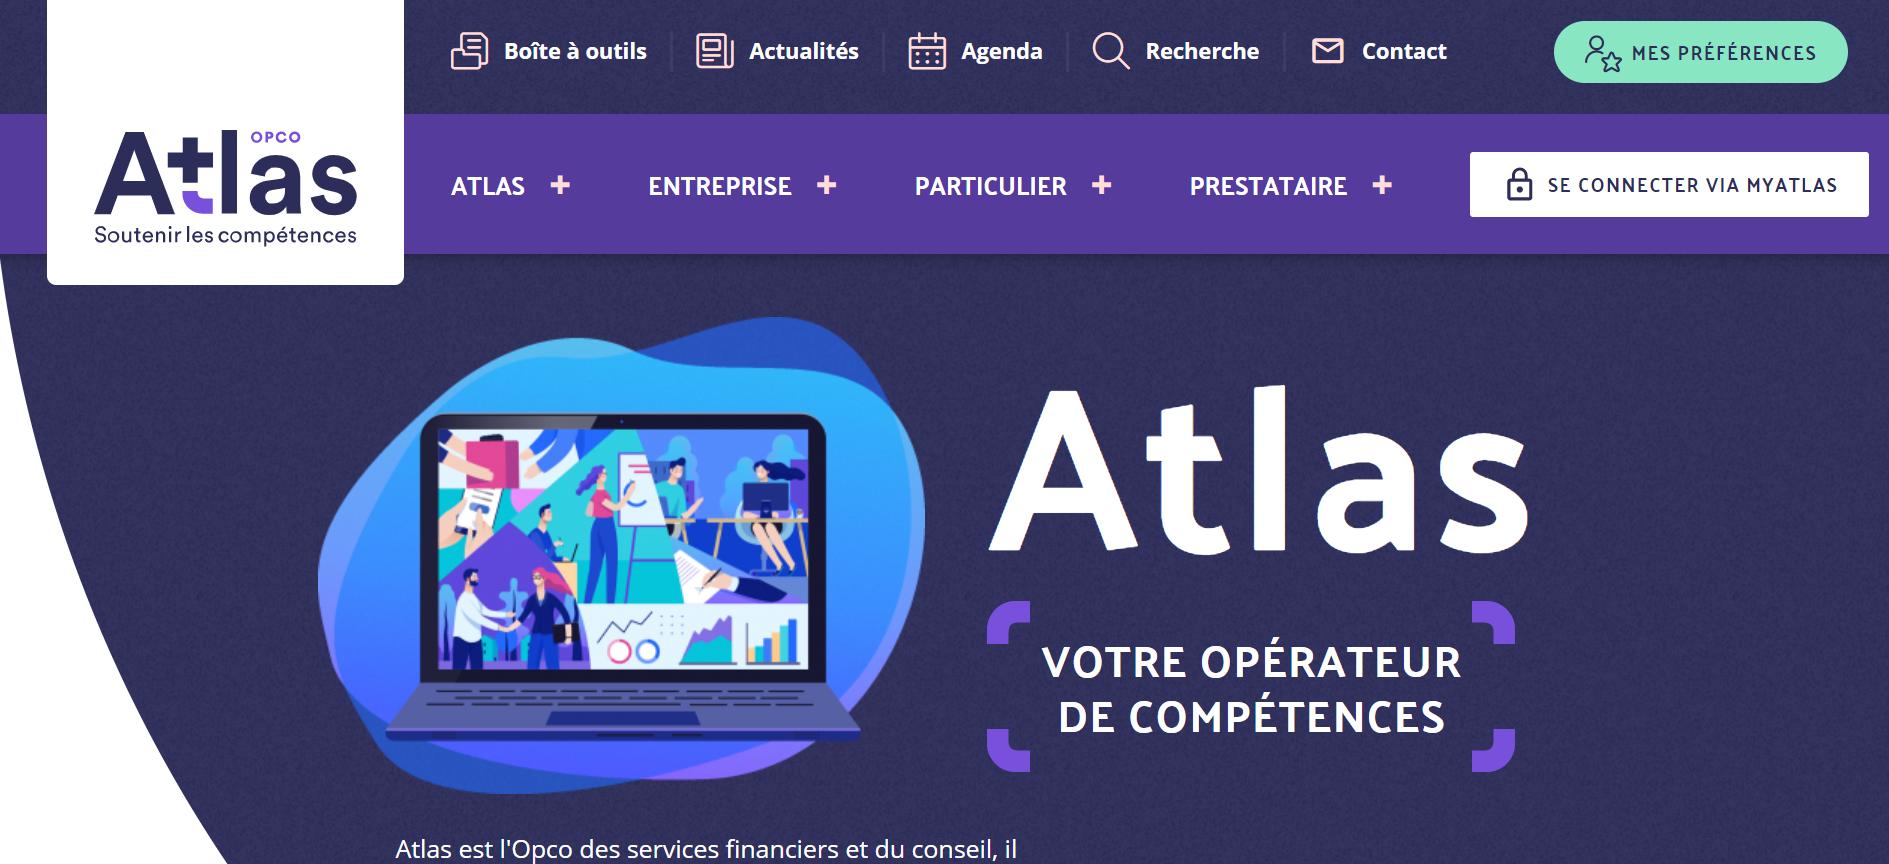 OPCO ATLAS Site web